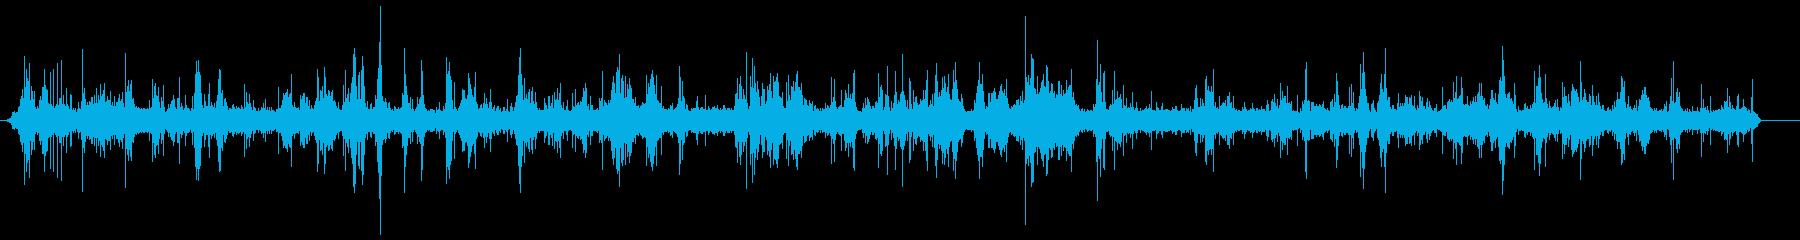 波-小-小石のビーチ-低-閉じるの再生済みの波形